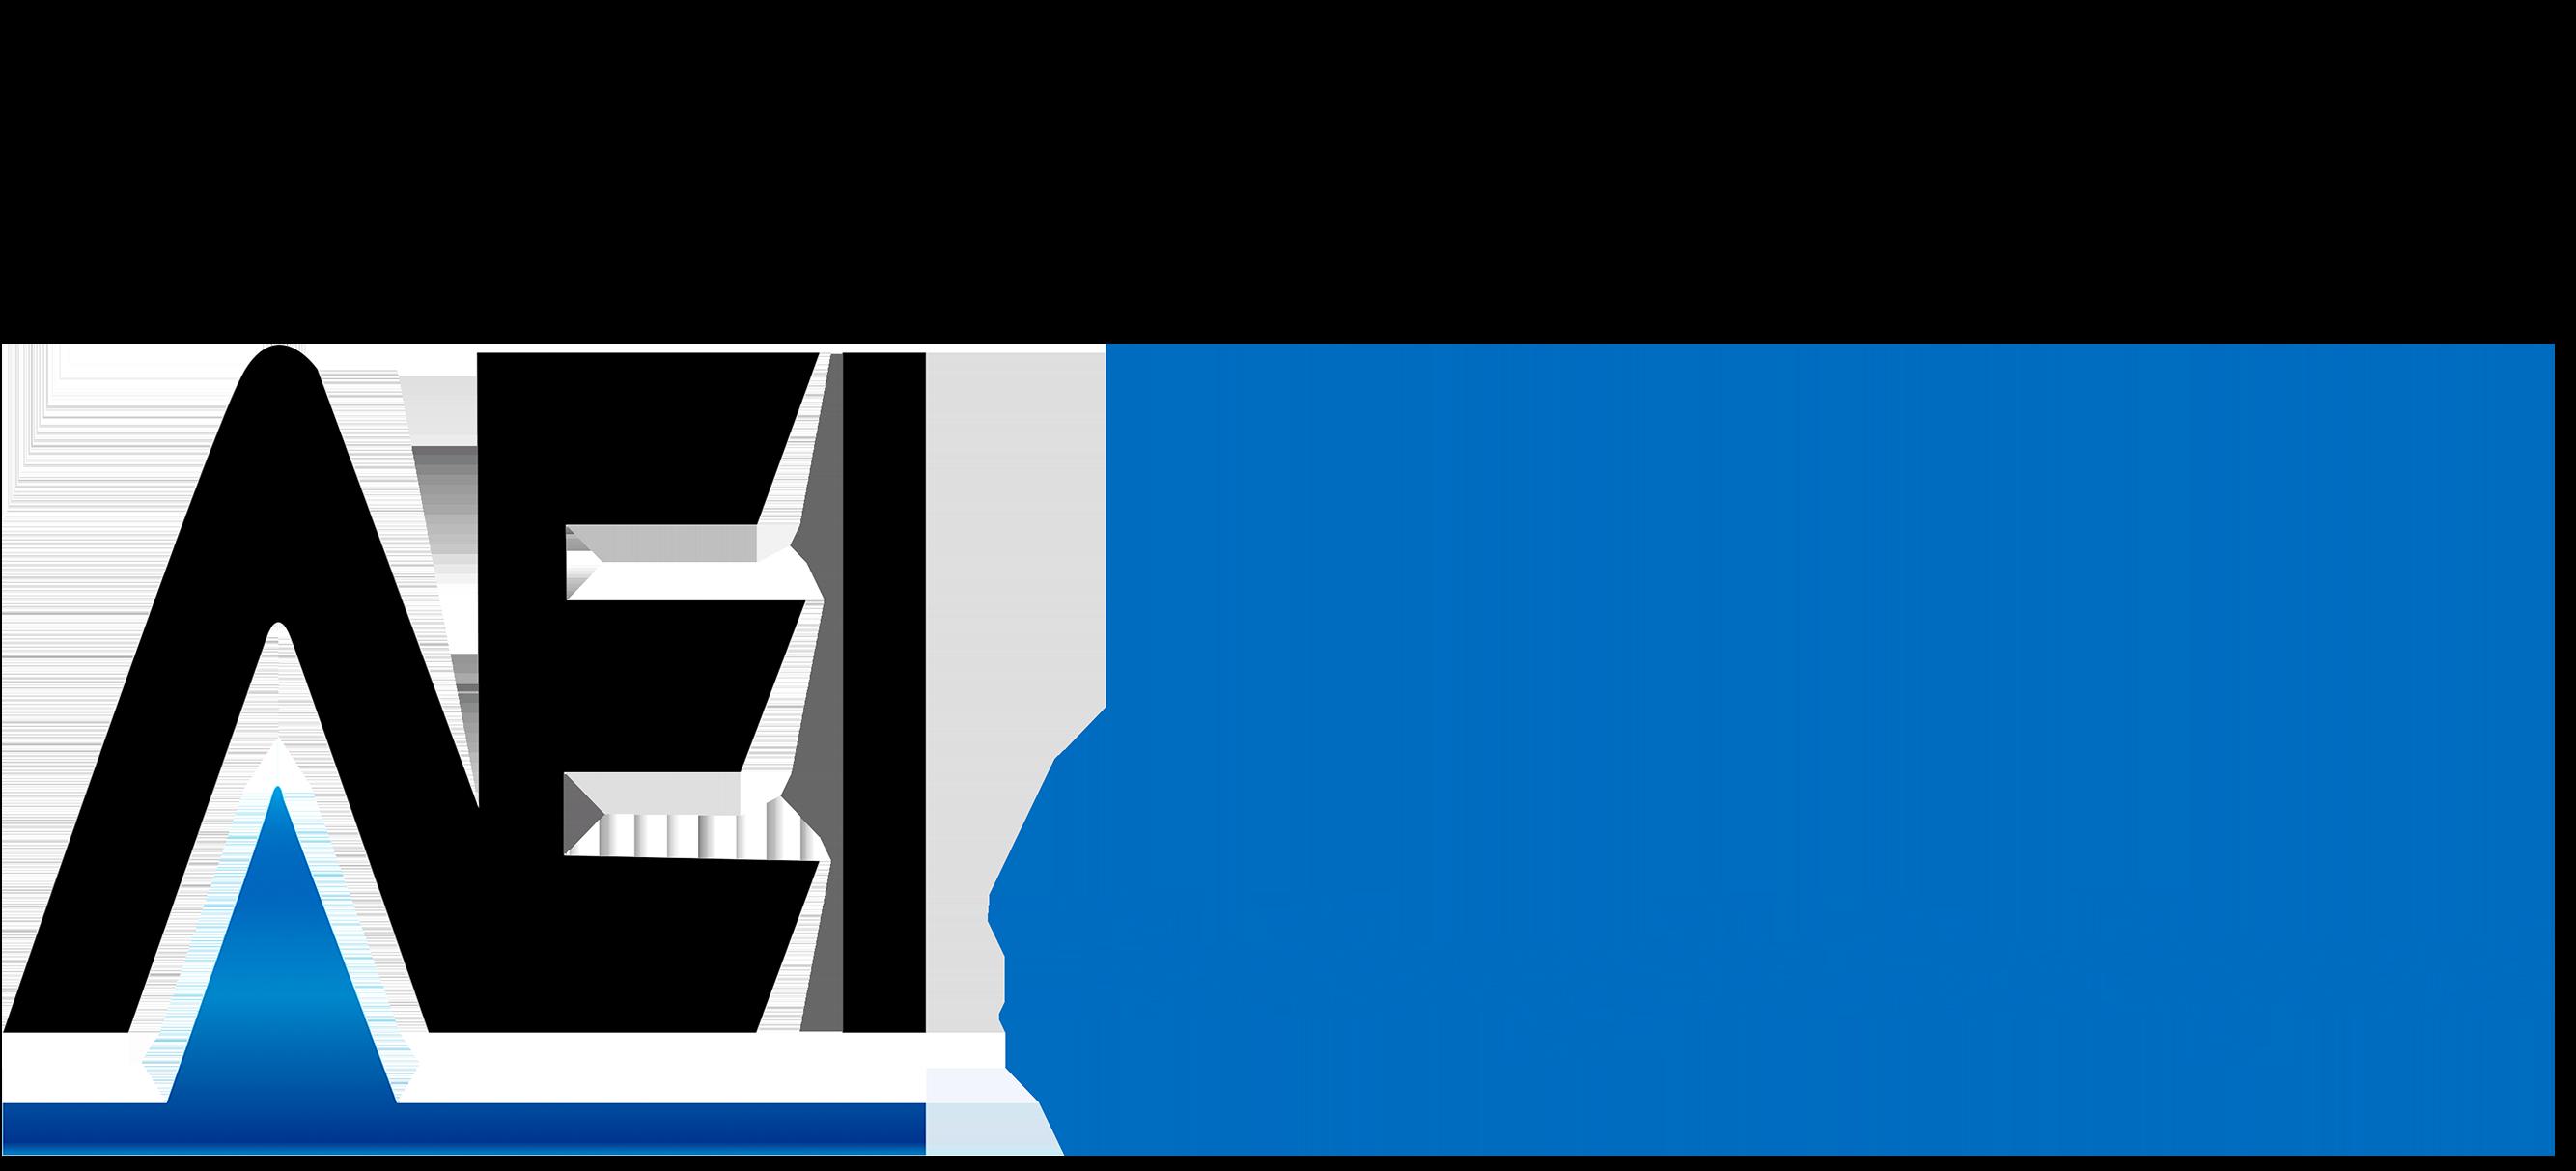 AEI-ENERGY